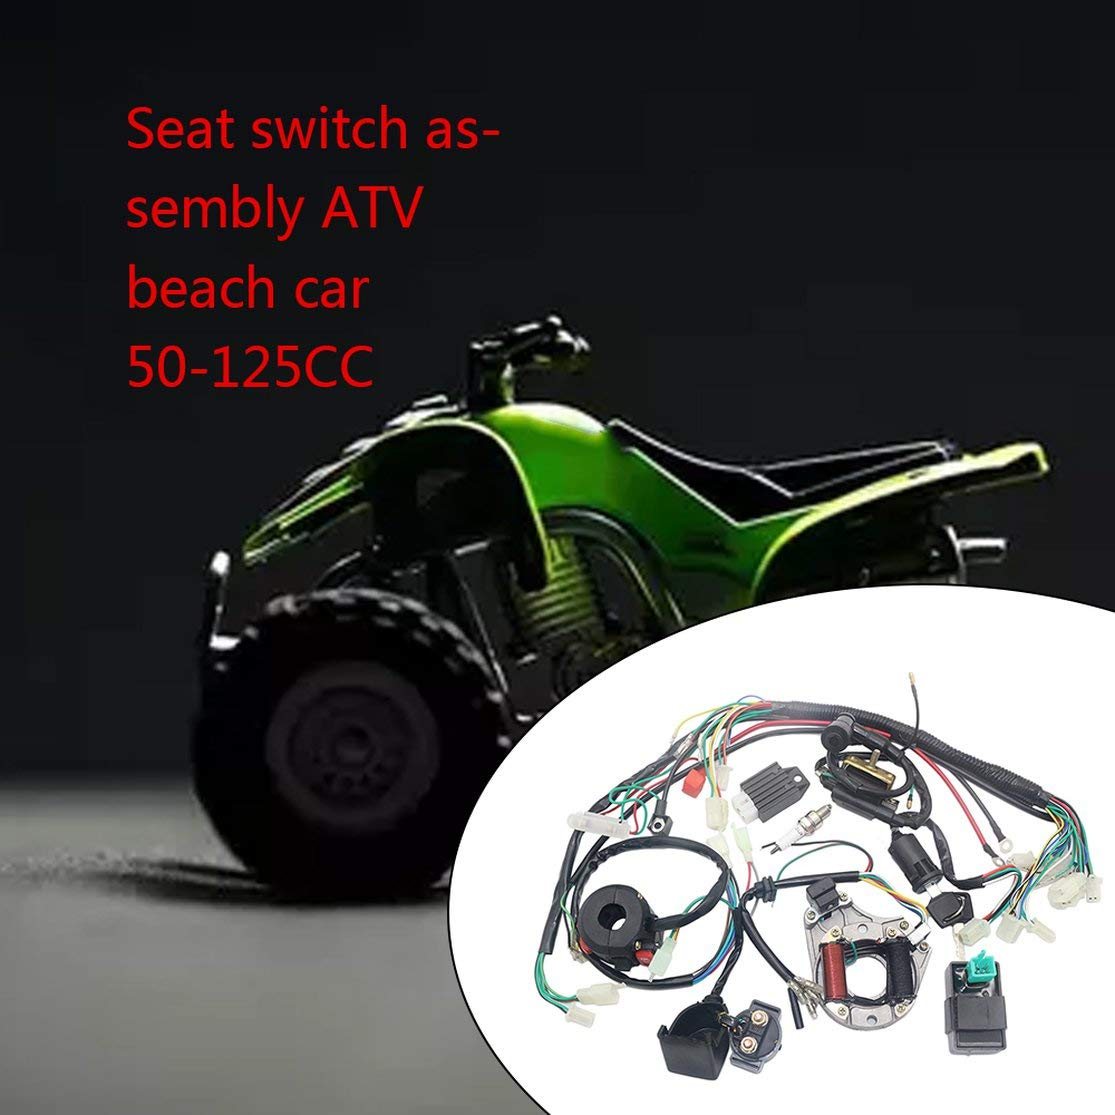 LouiseEvel215 Elektrik Statorspule CDI Kabelbaum f/ür 4-Takt ATV KLX 50ccm 70ccm 110ccm 125ccm Quad Buggy Go Kart Pit Dirt Bikes